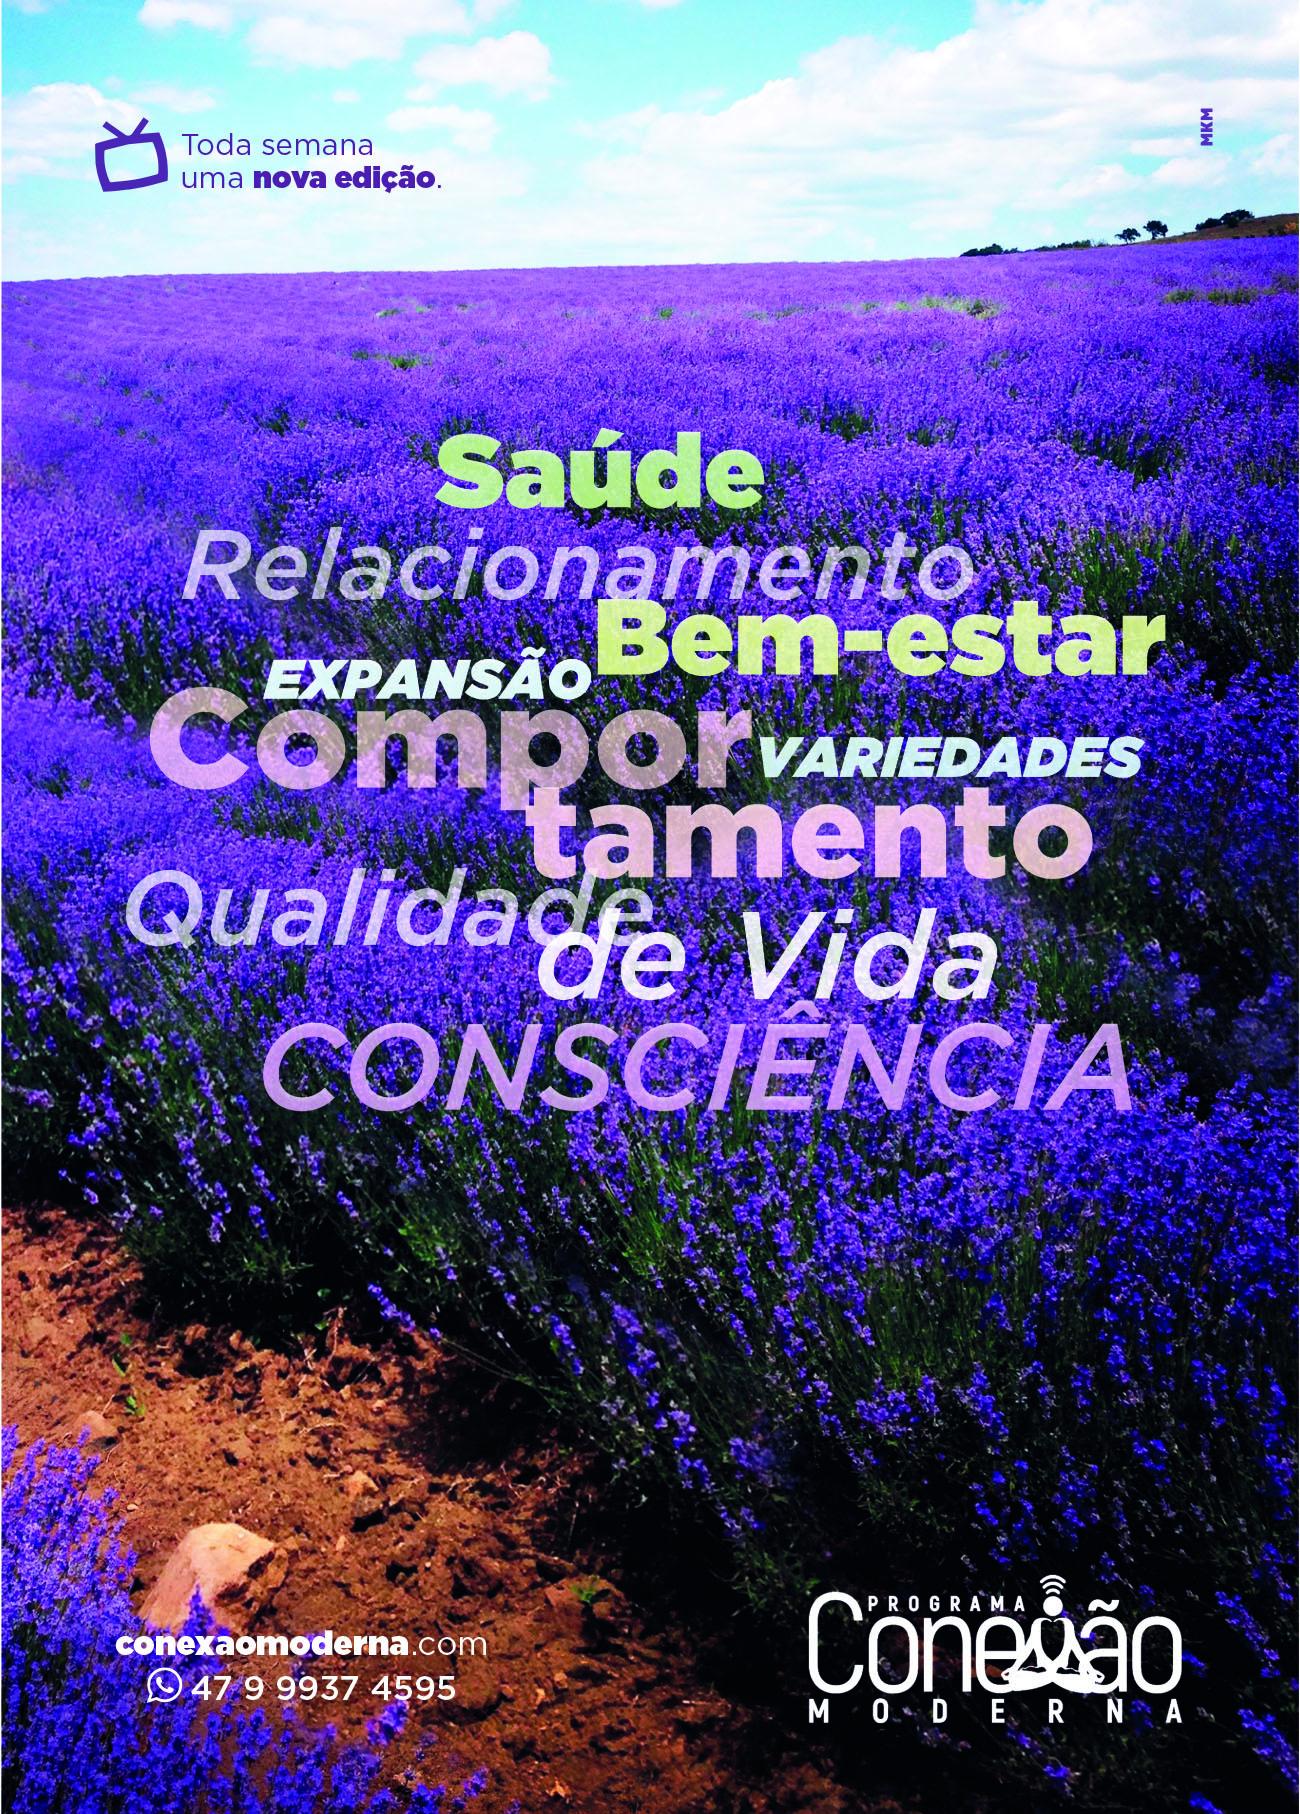 Revista Conexão Moderna